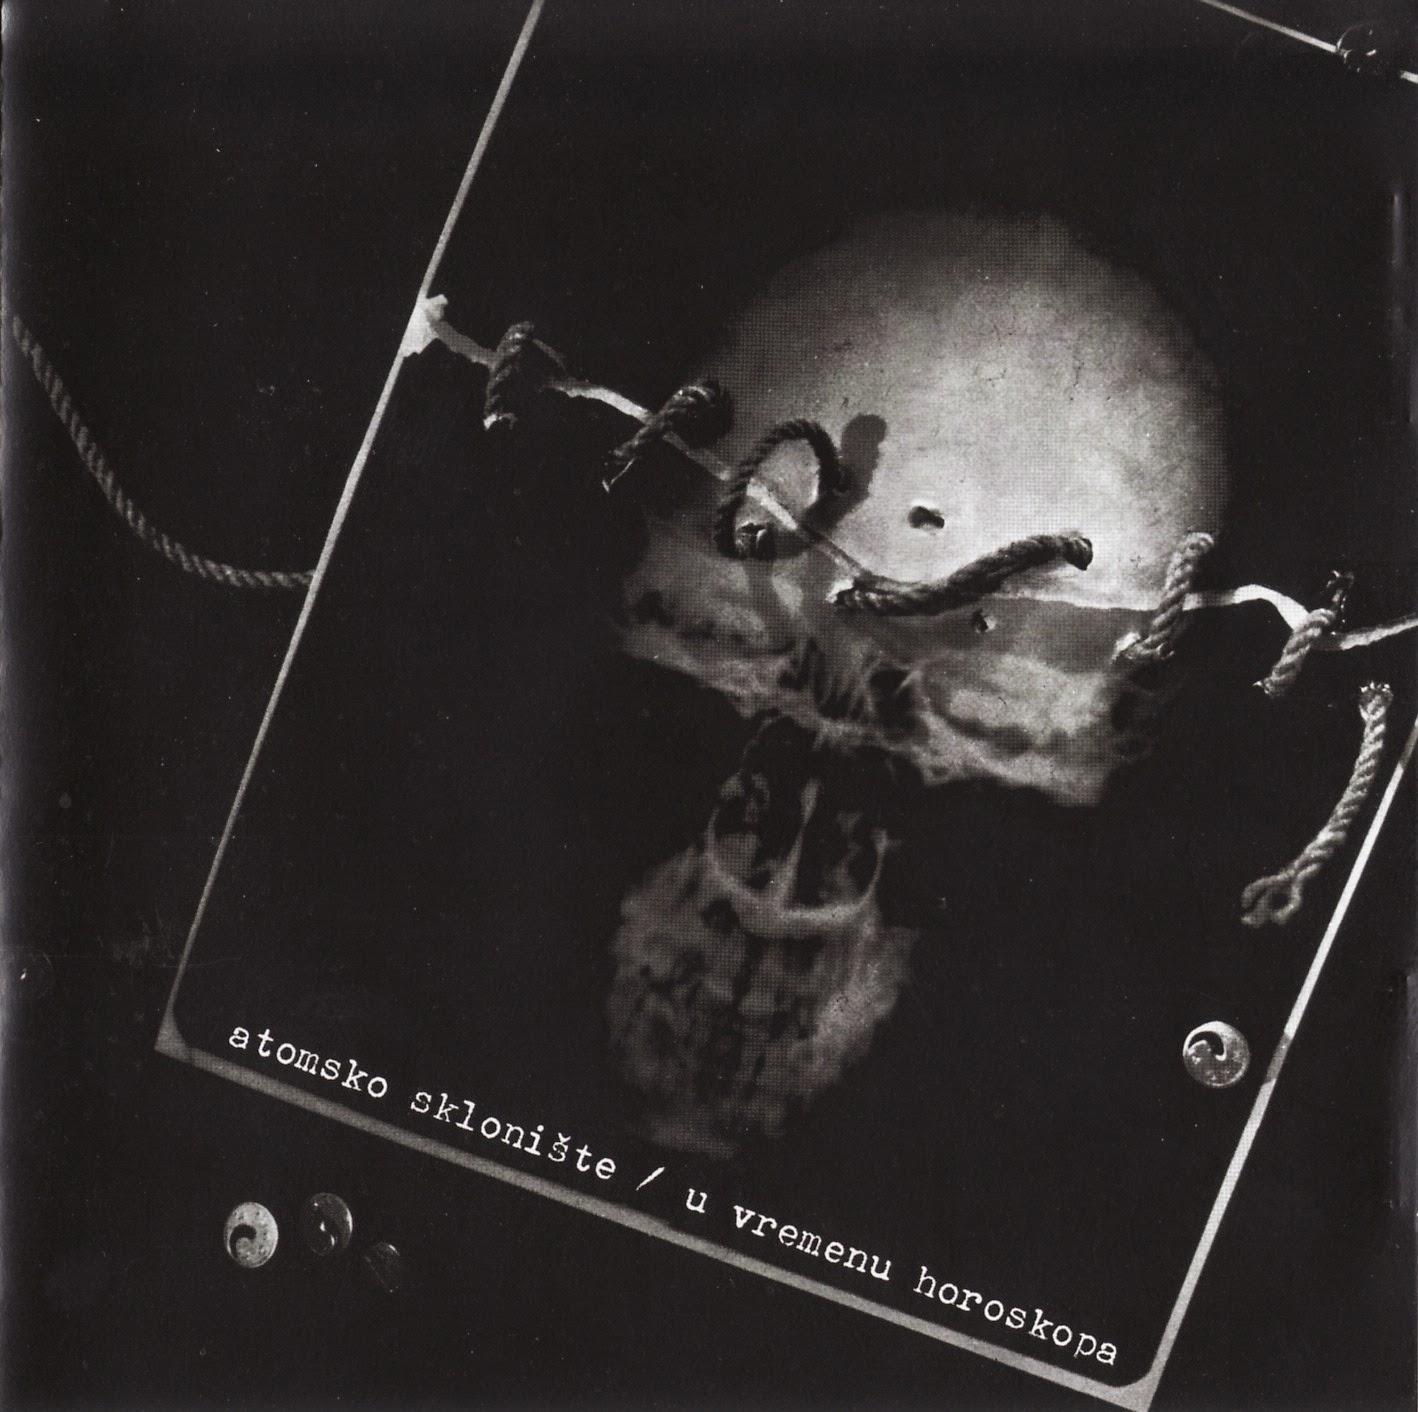 Atomsko Skloniste - Diskografija (1978-1995)  Atomsko+skloniste+-+U+vremenu+horoskopa+f